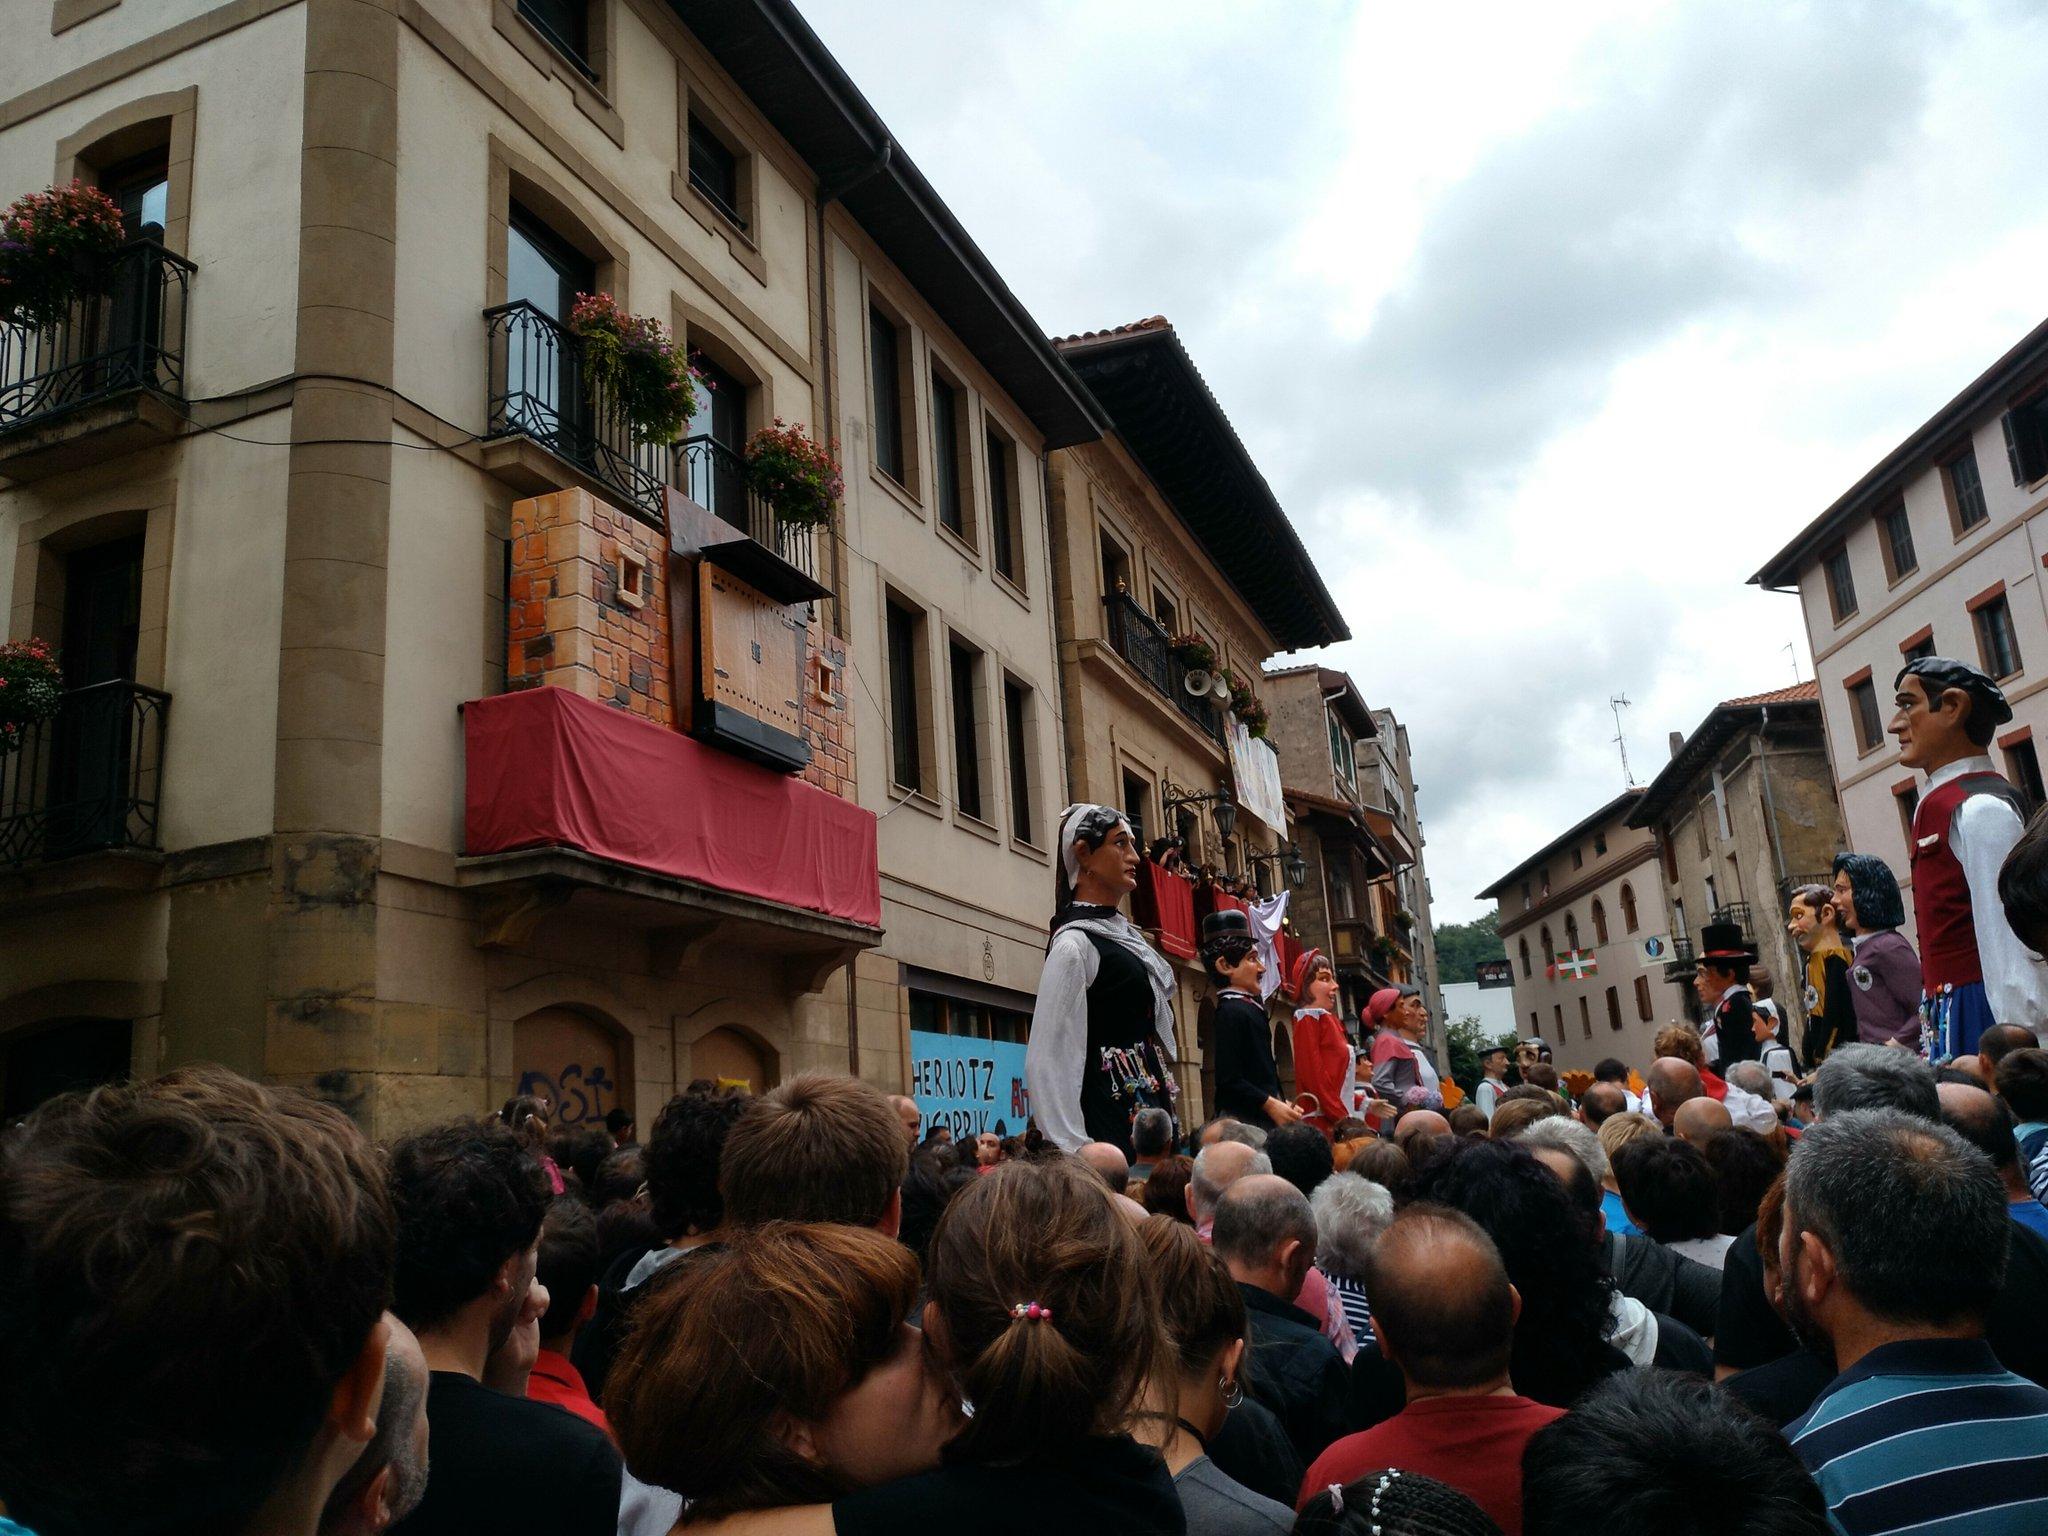 Txapeldunak @hibaika eta bandera udaletxeko balkoian, plazan erraldoi konpartsak #Madalenak2017  @HerriBizia #orereta #Errenteria https://t.co/bGyPJ6Cz57